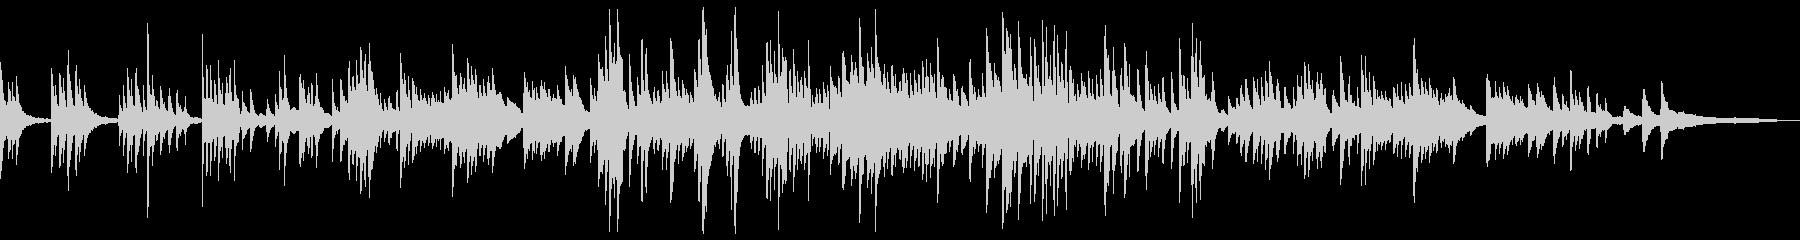 わらべ歌の和風曲2(A)-タックピアノの未再生の波形